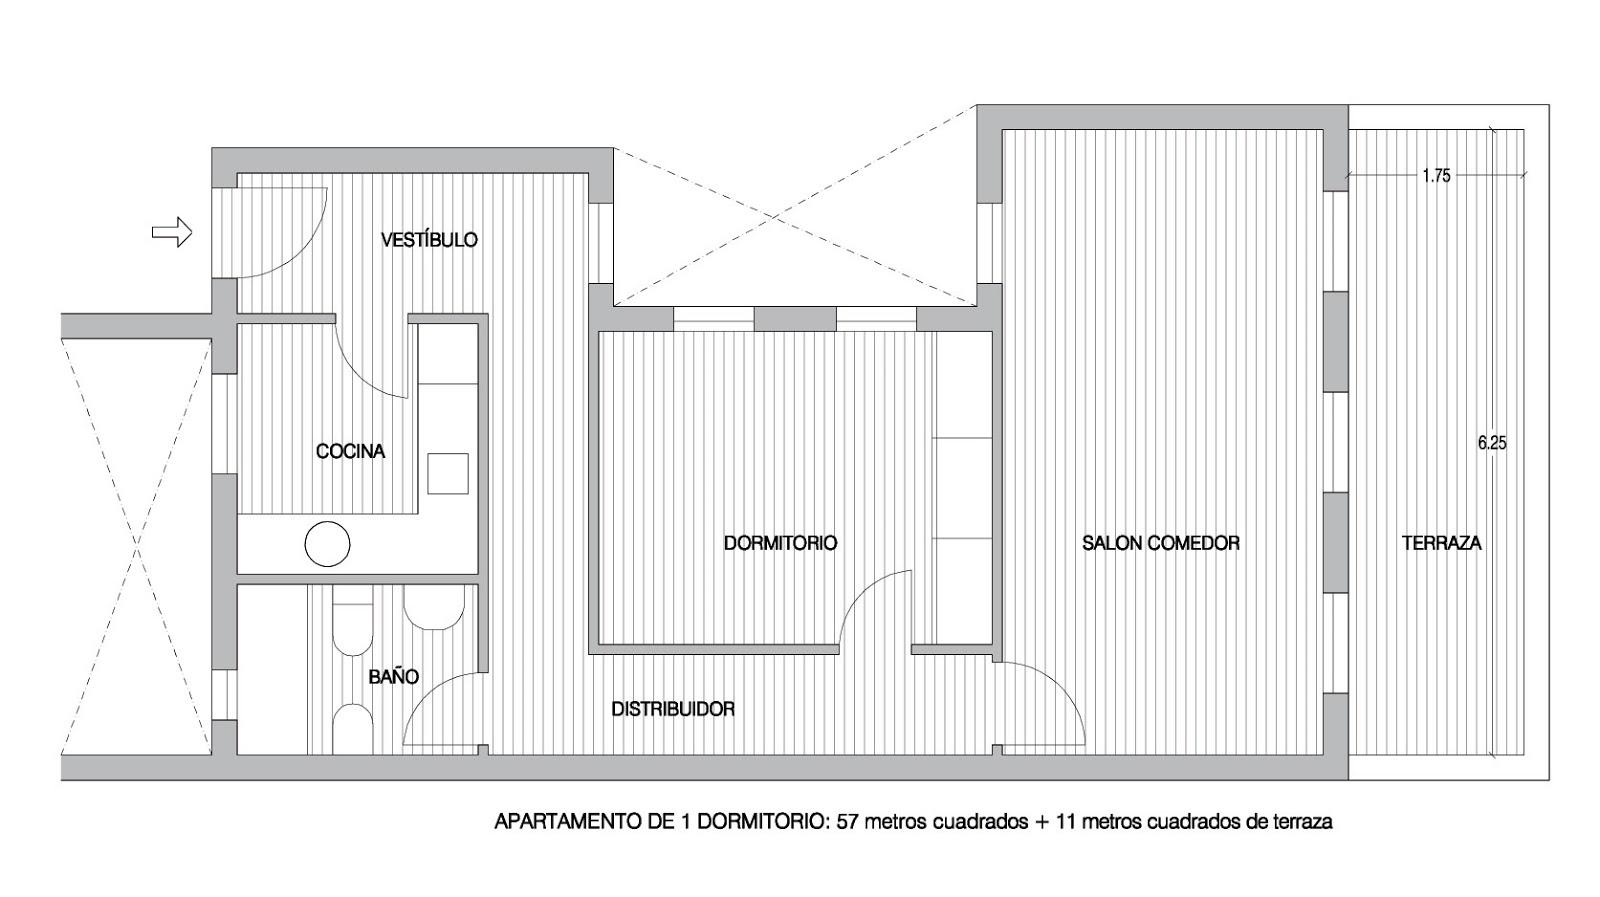 Ideas planos y arquitectura for Planos de locales